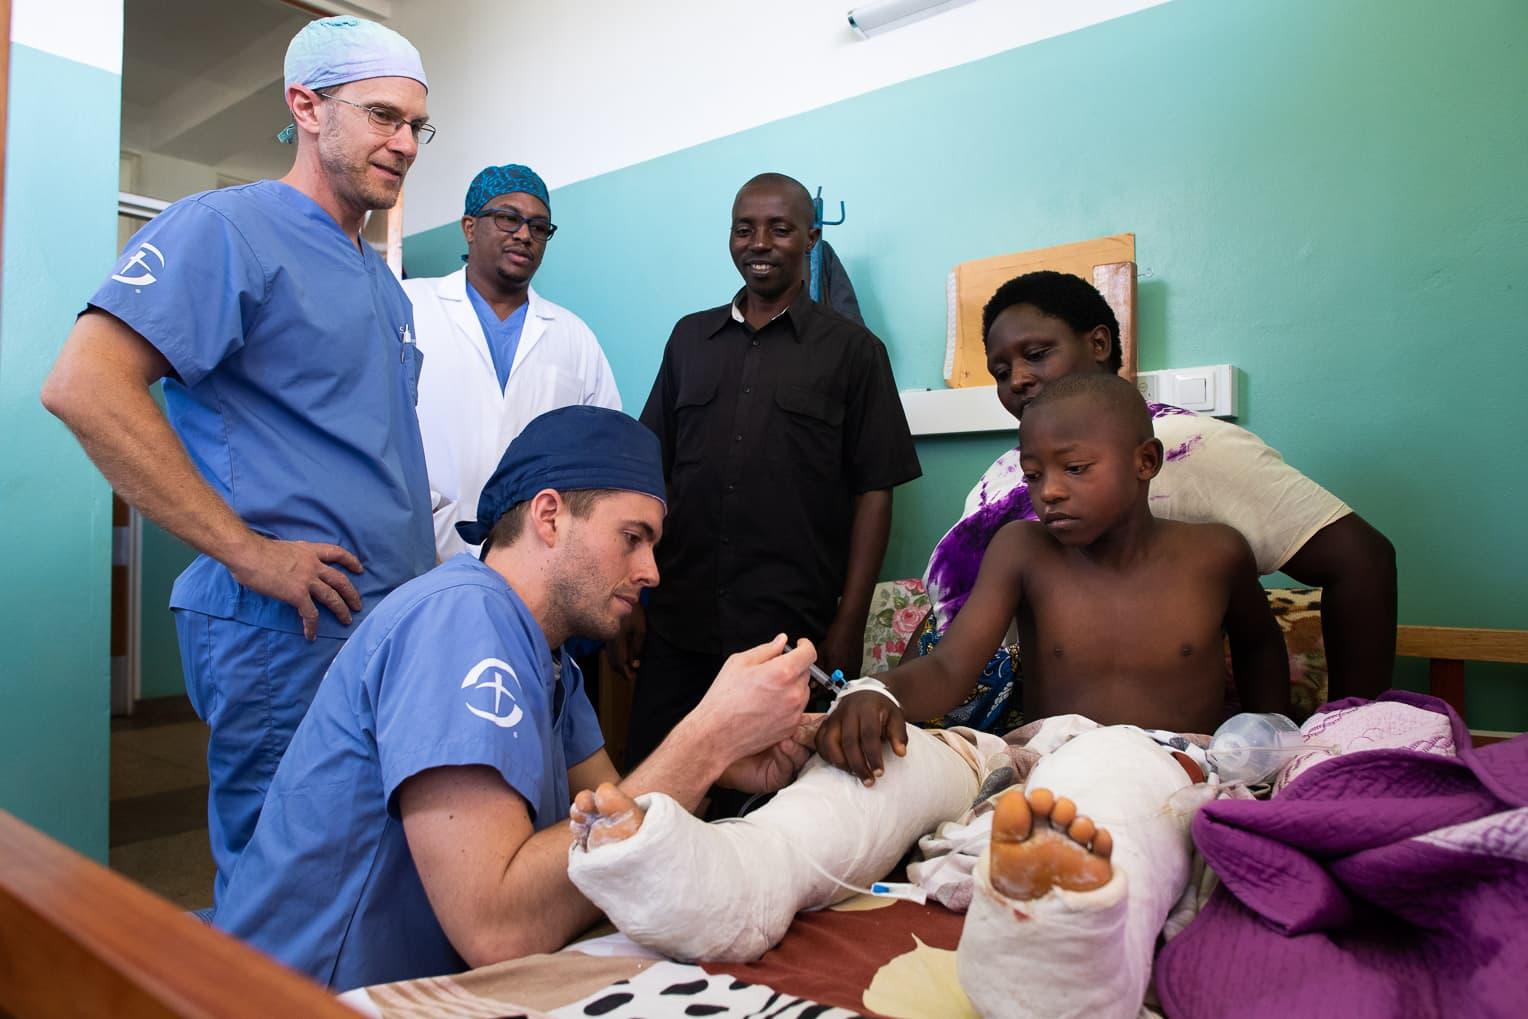 Medical subspecialties sent to Burundi focusing on orthpedics.